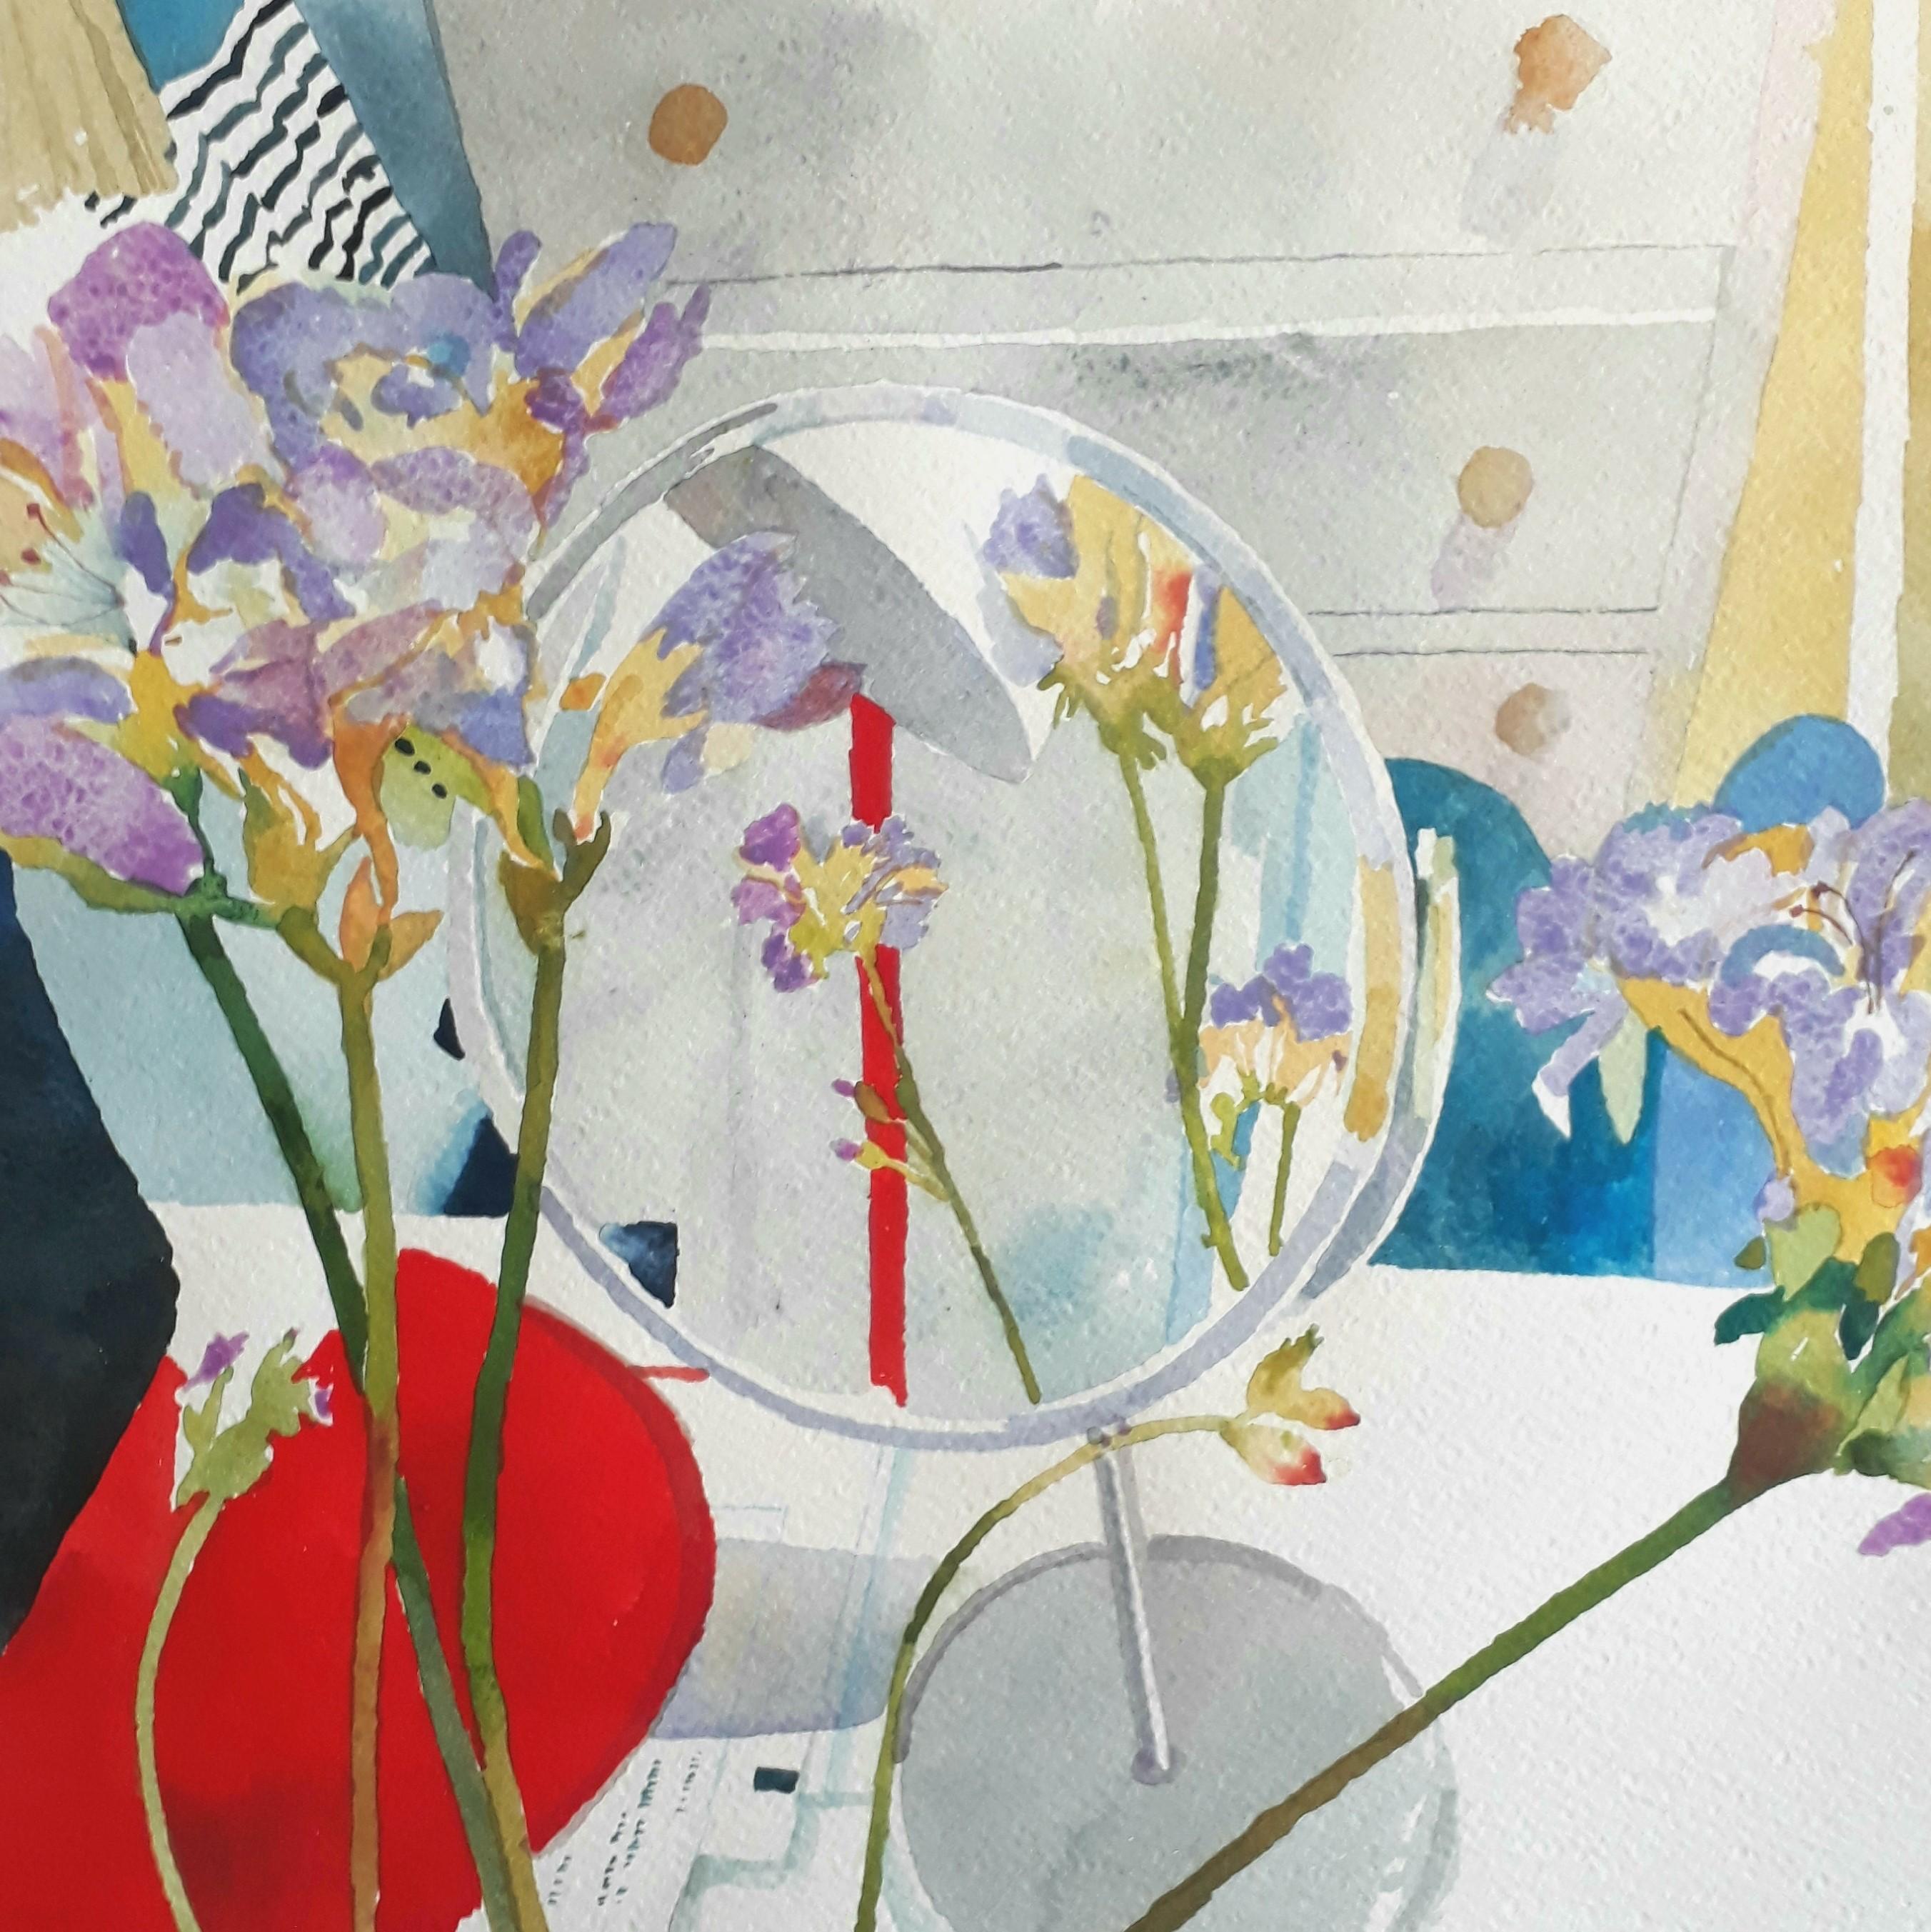 Nicola Gregory Gallery 03